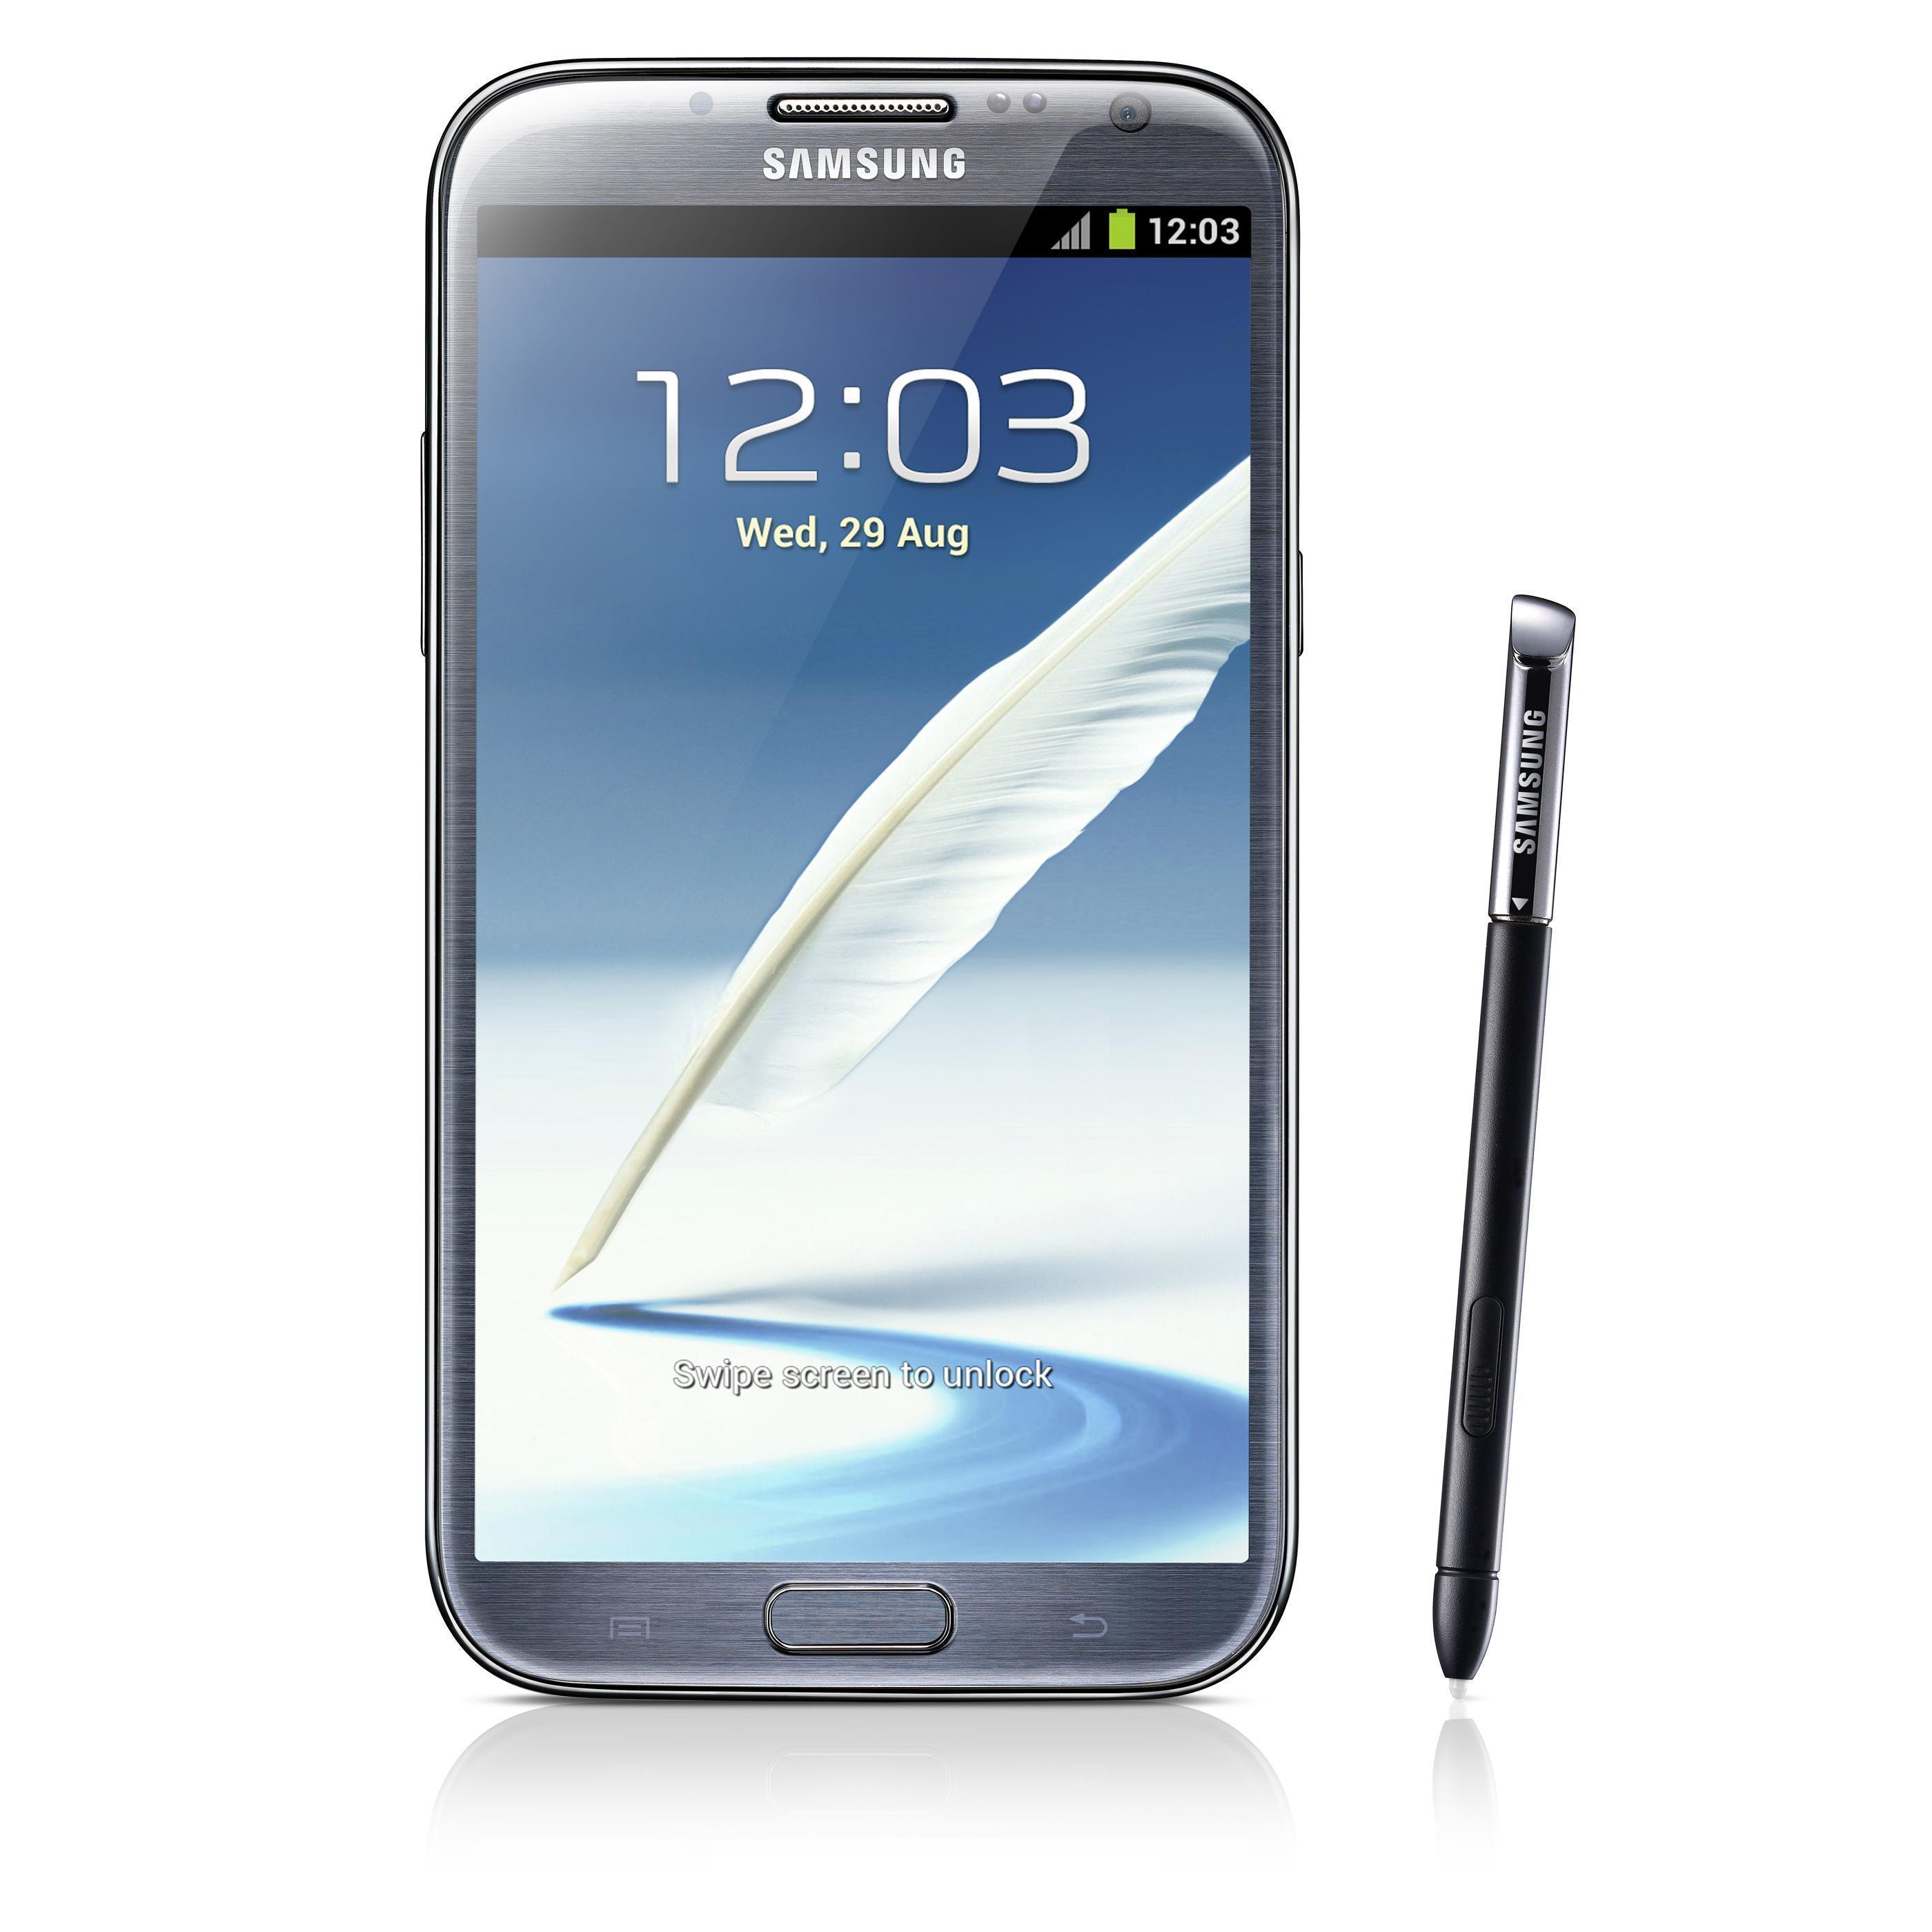 Samsung Galaxy Note 2 16 Go N7100 3G - Gris - SFR